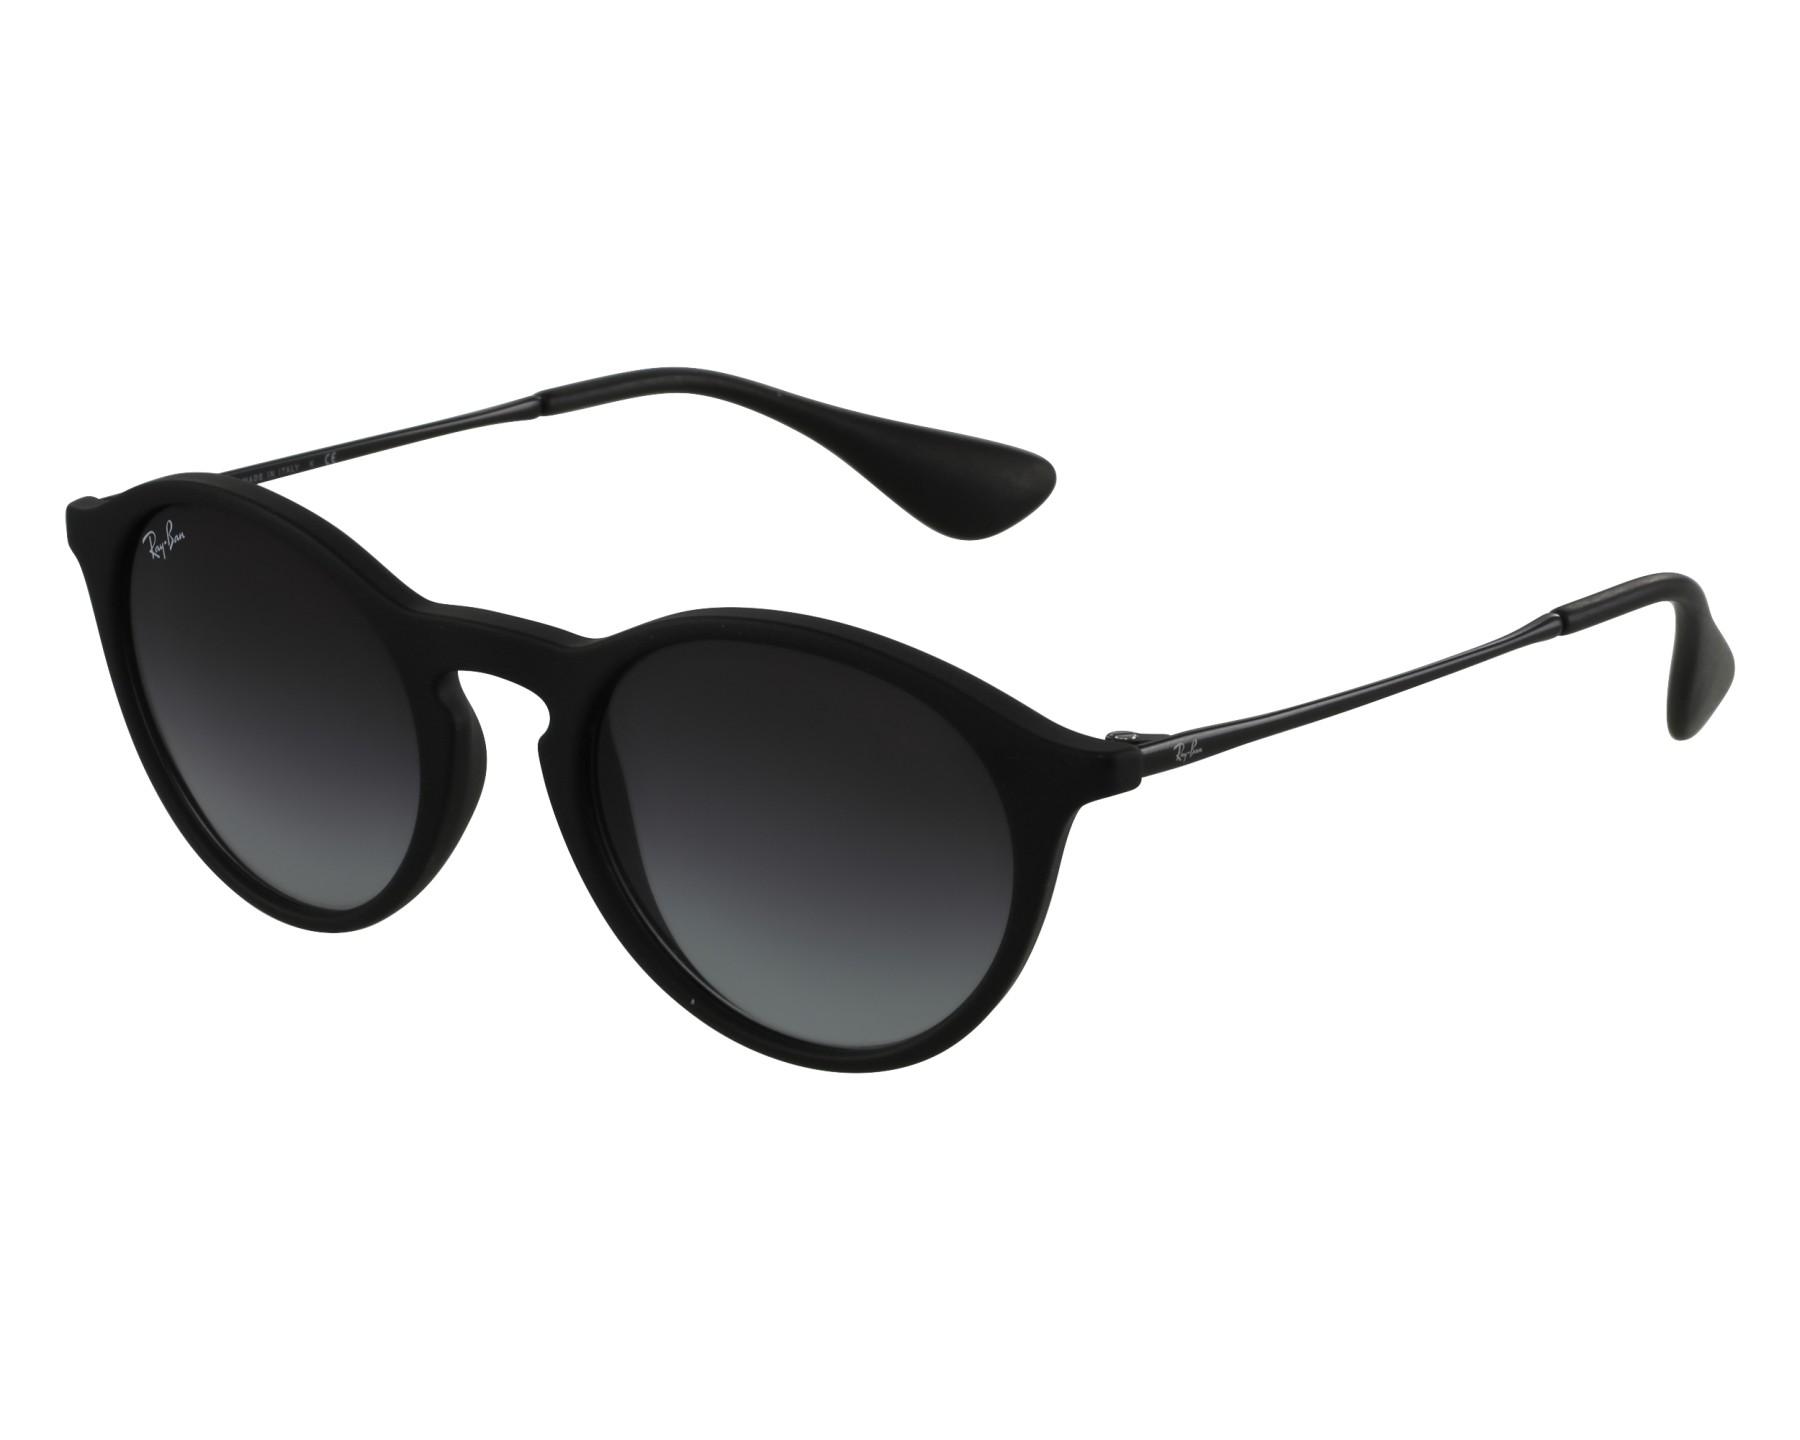 lunettes de soleil ray ban rb 4243 622 8g noir avec des verres gris. Black Bedroom Furniture Sets. Home Design Ideas